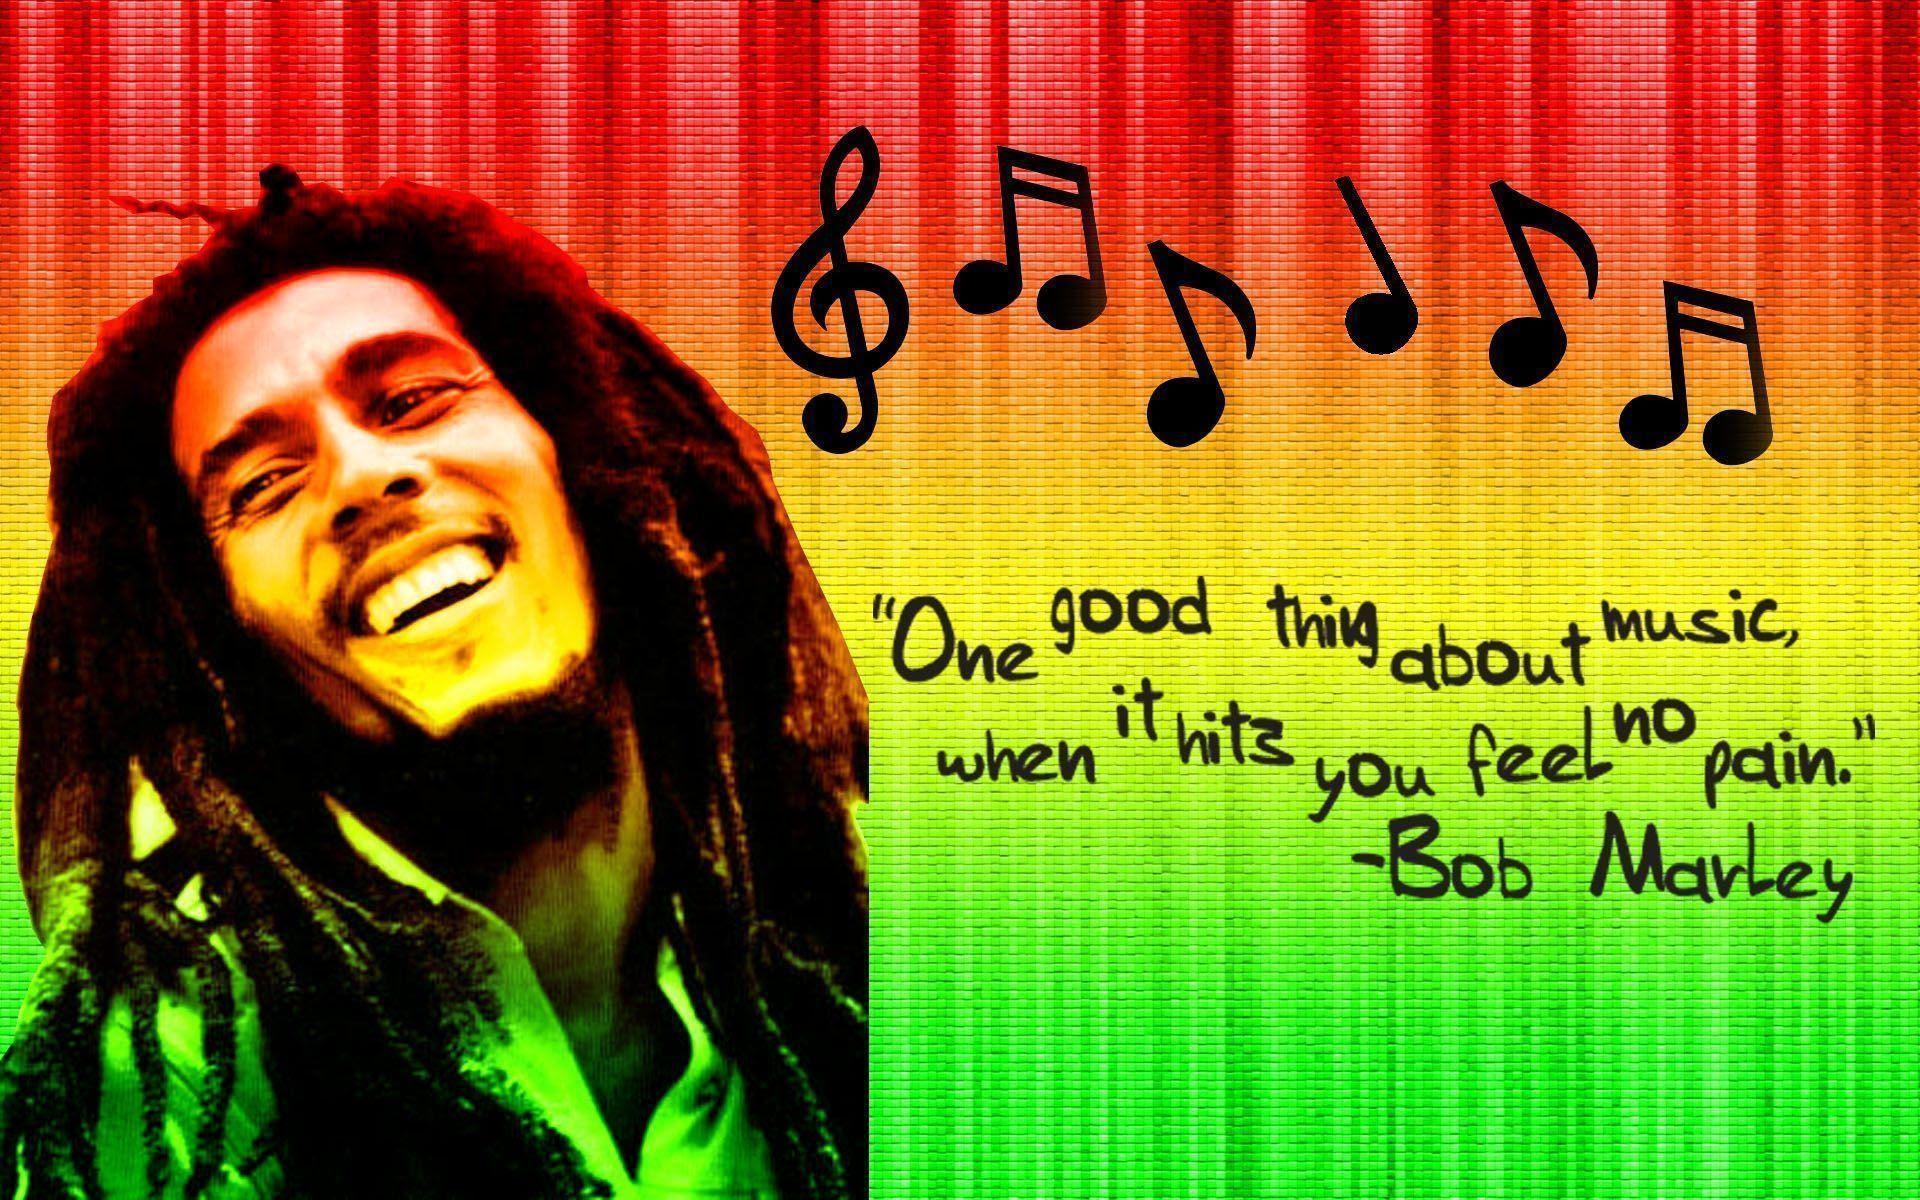 Bob Marley Wallpaper 58 Images